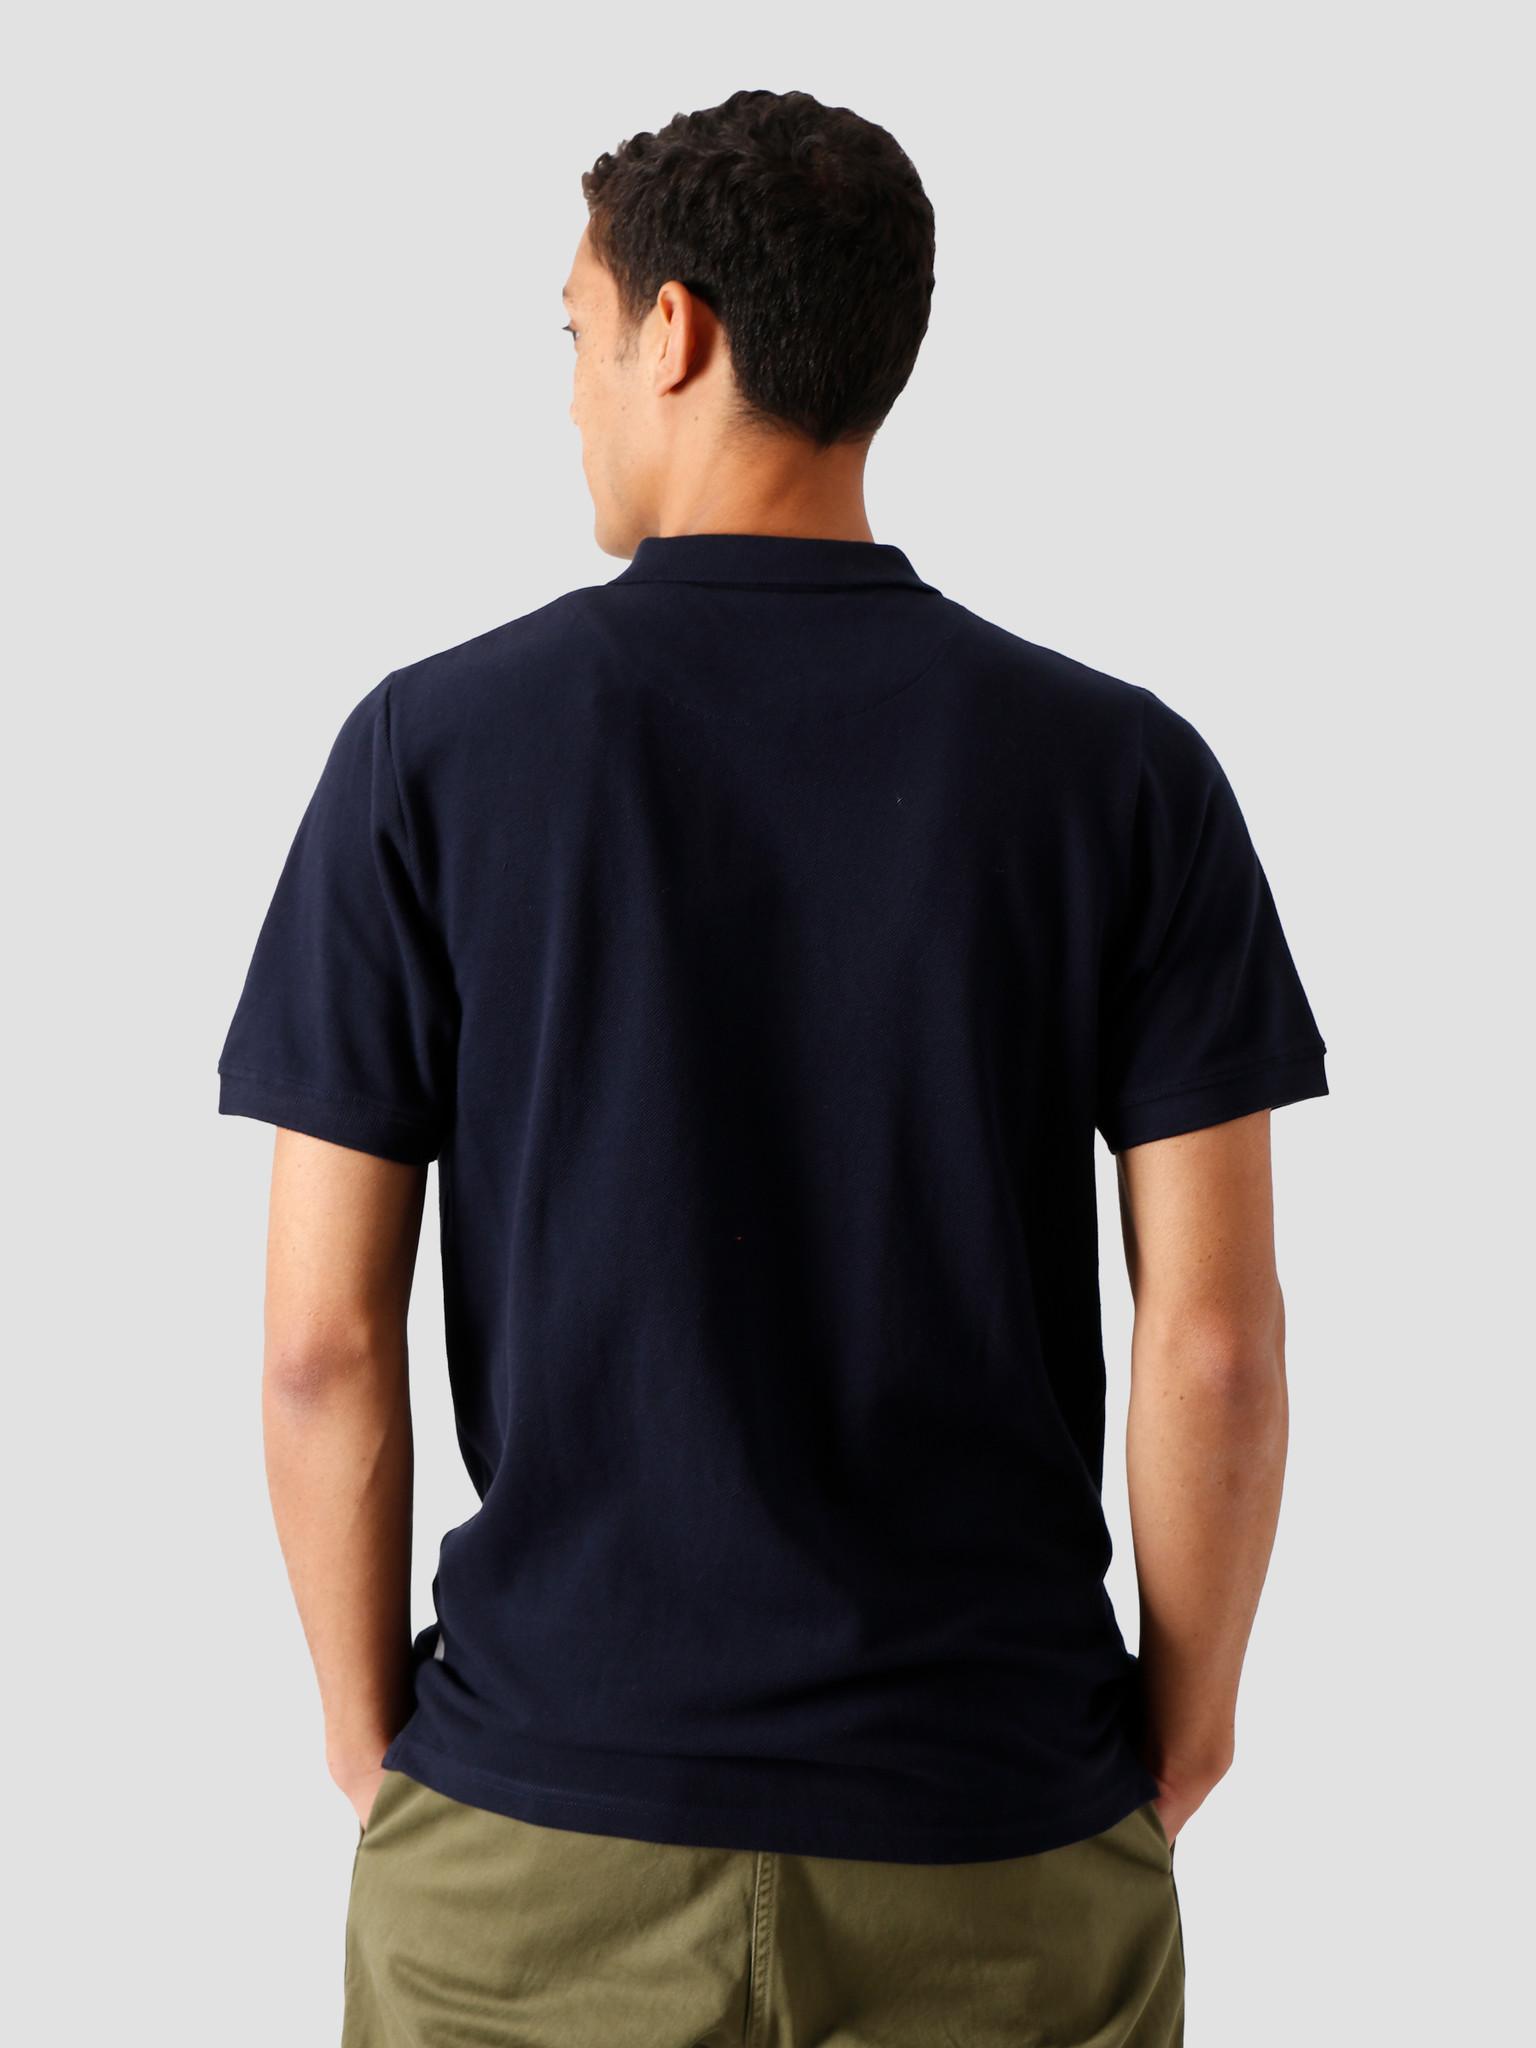 Quality Blanks Quality Blanks QB50 Polo Dark Sapphire